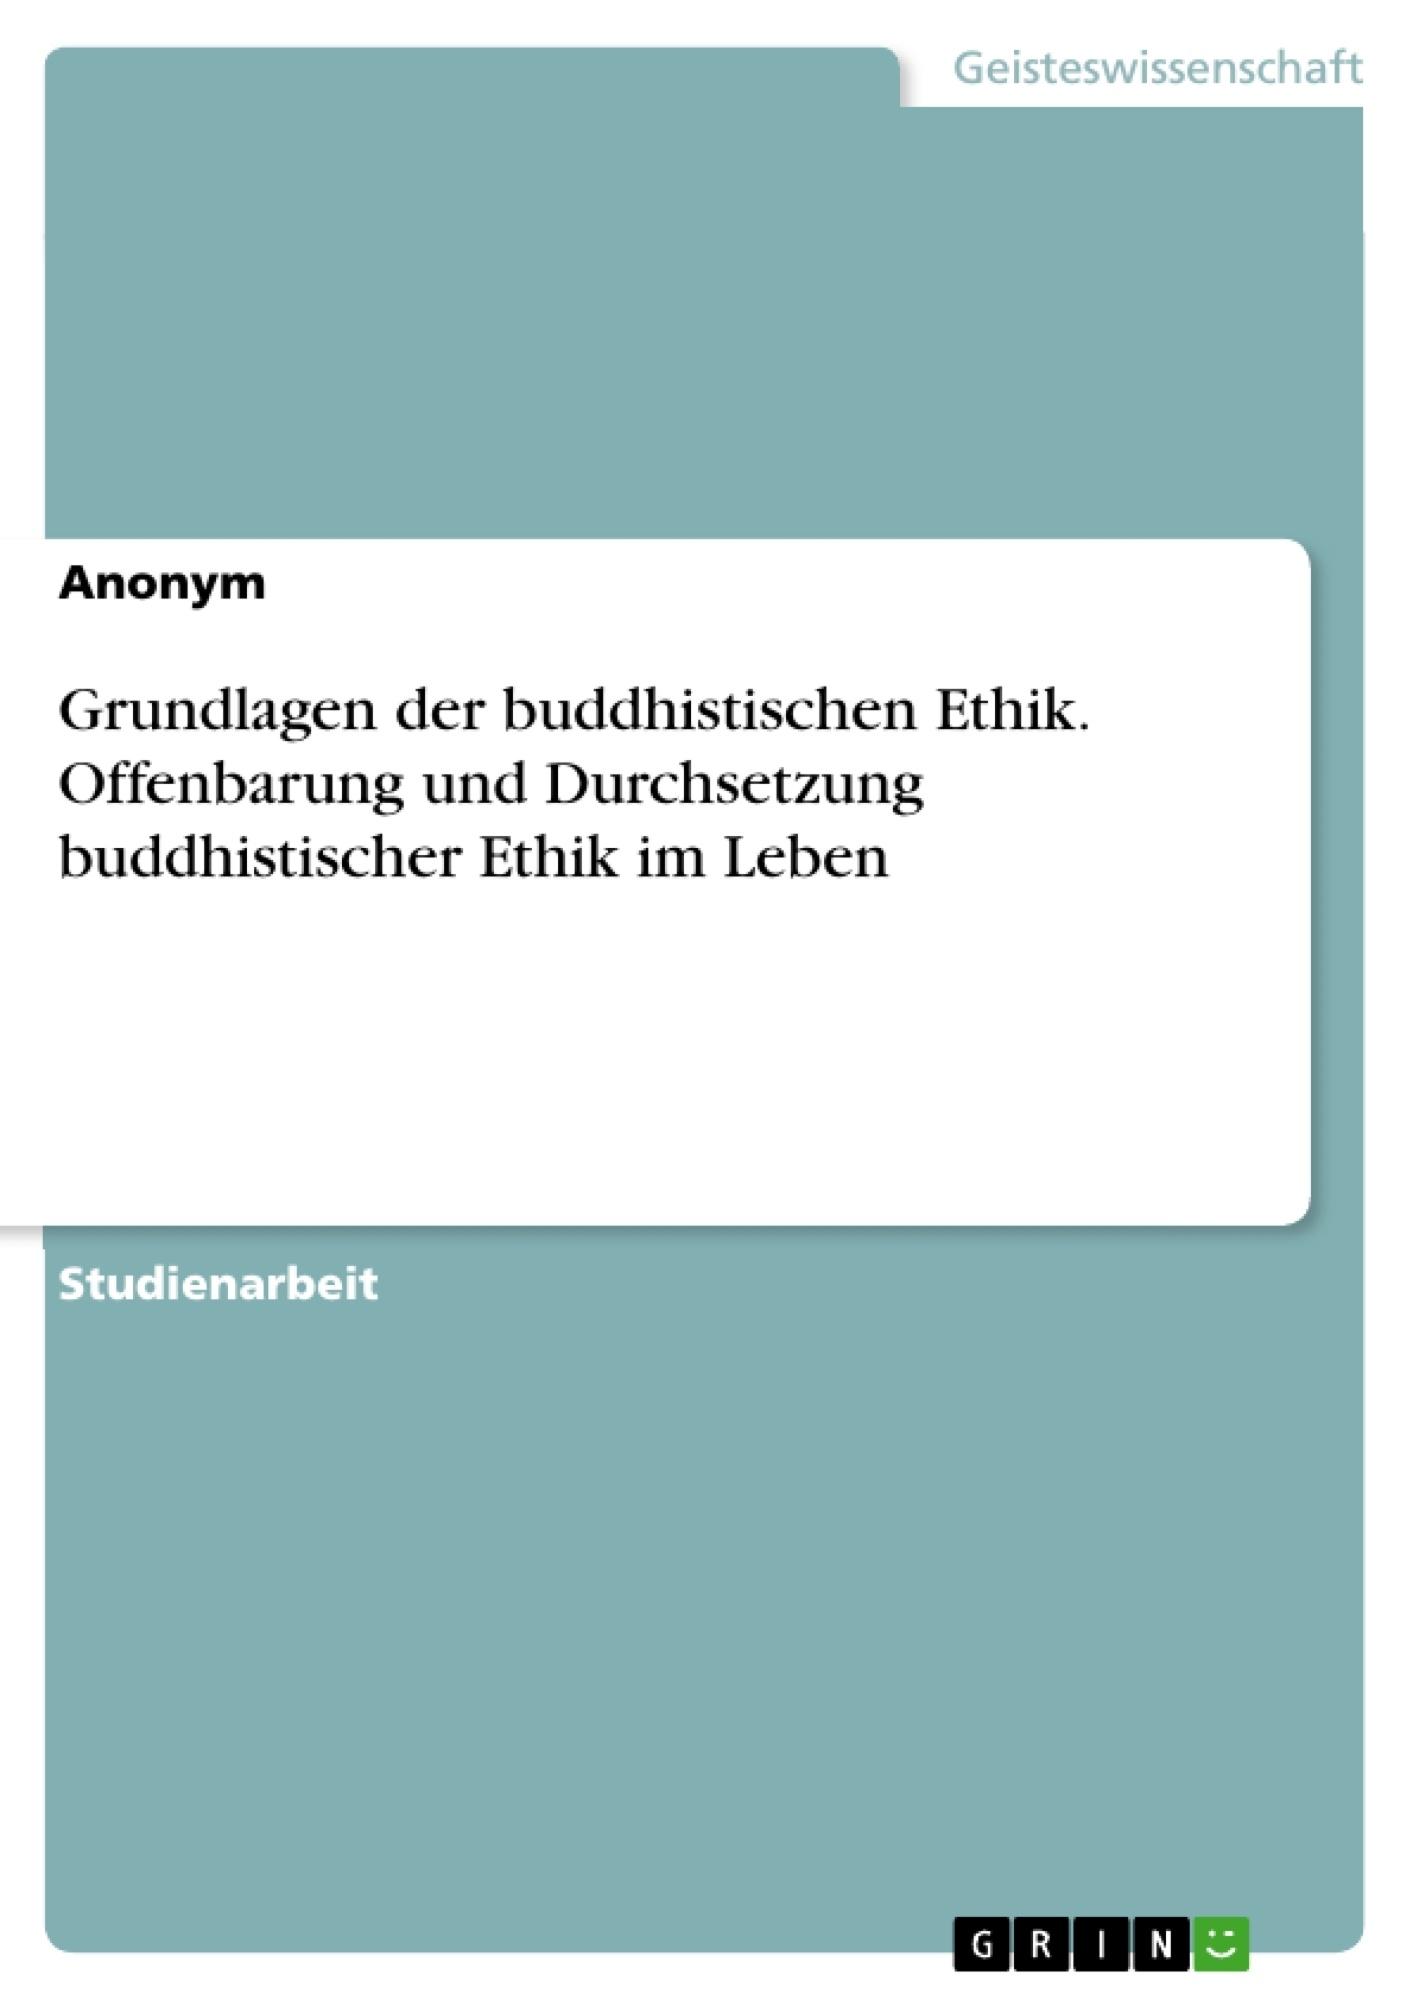 Titel: Grundlagen der buddhistischen Ethik. Offenbarung und Durchsetzung buddhistischer Ethik im Leben